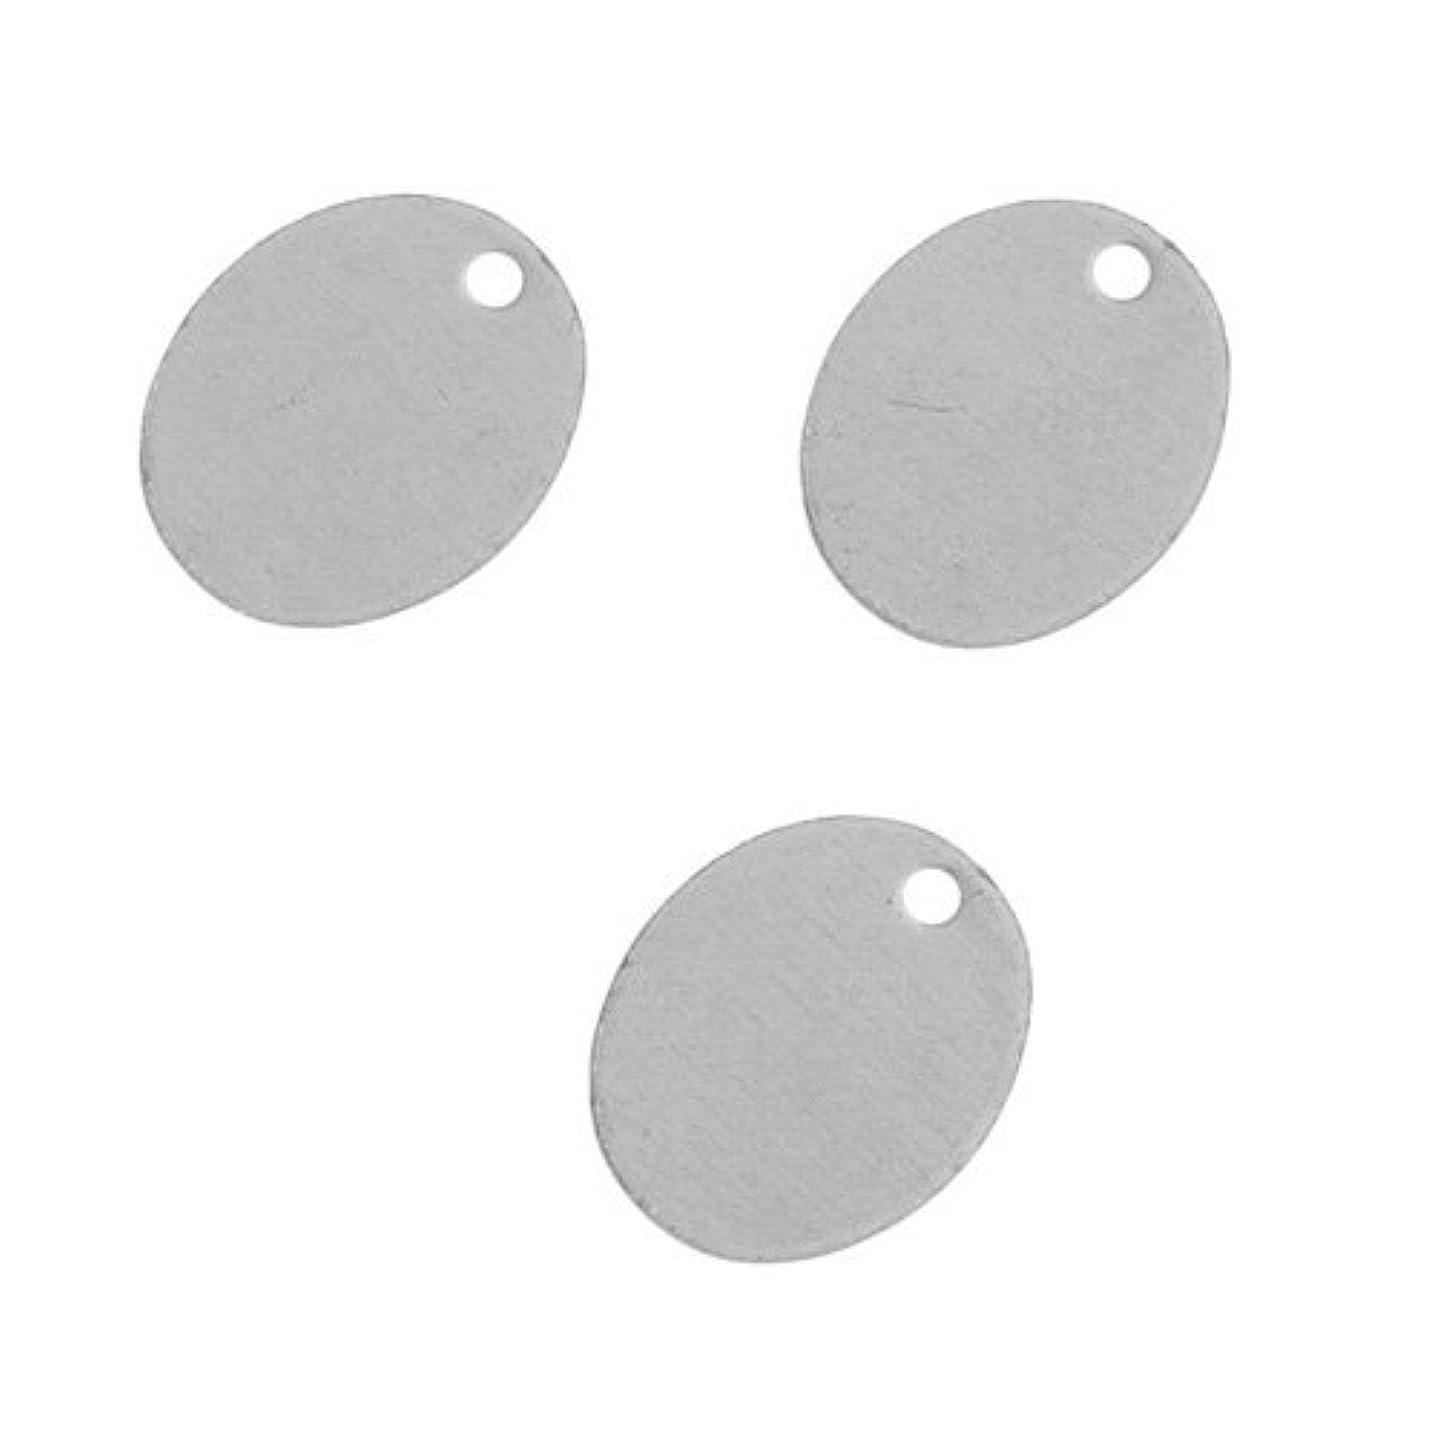 Metal Stamping Blank 2472405102-00 Metal Blank German Silver